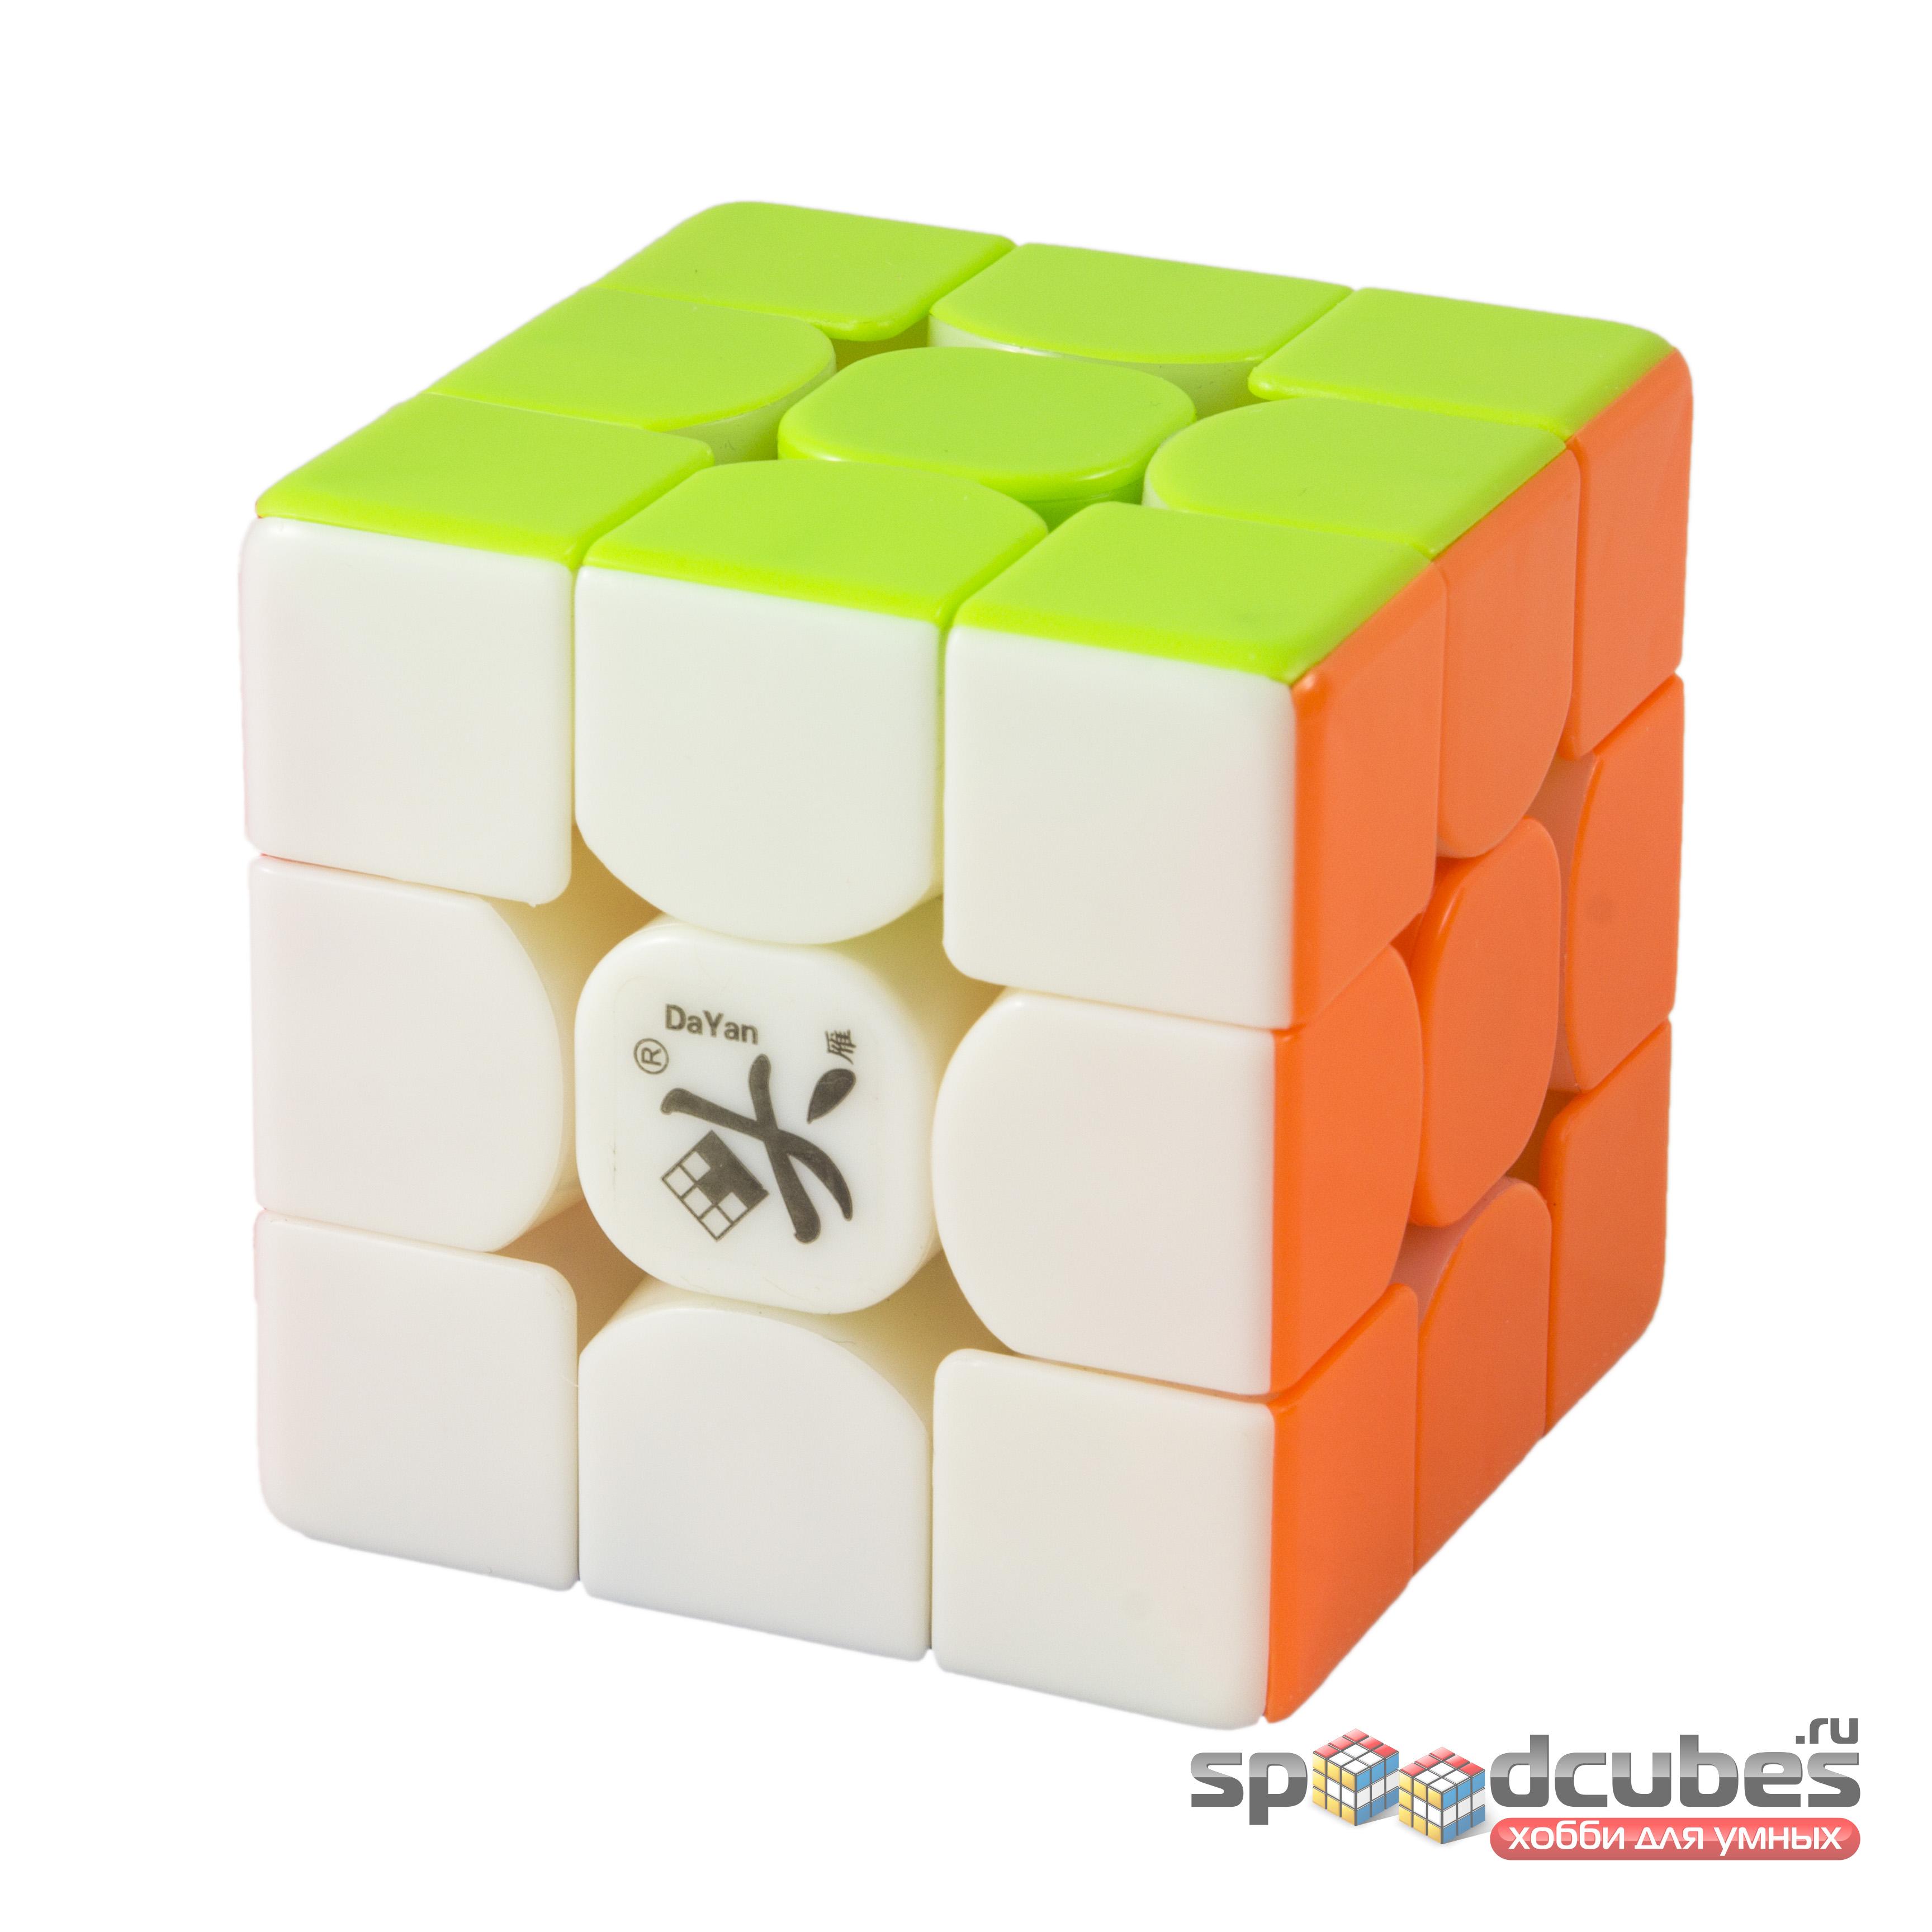 Dayan 7 3x3x3 Xiangyun Color 2